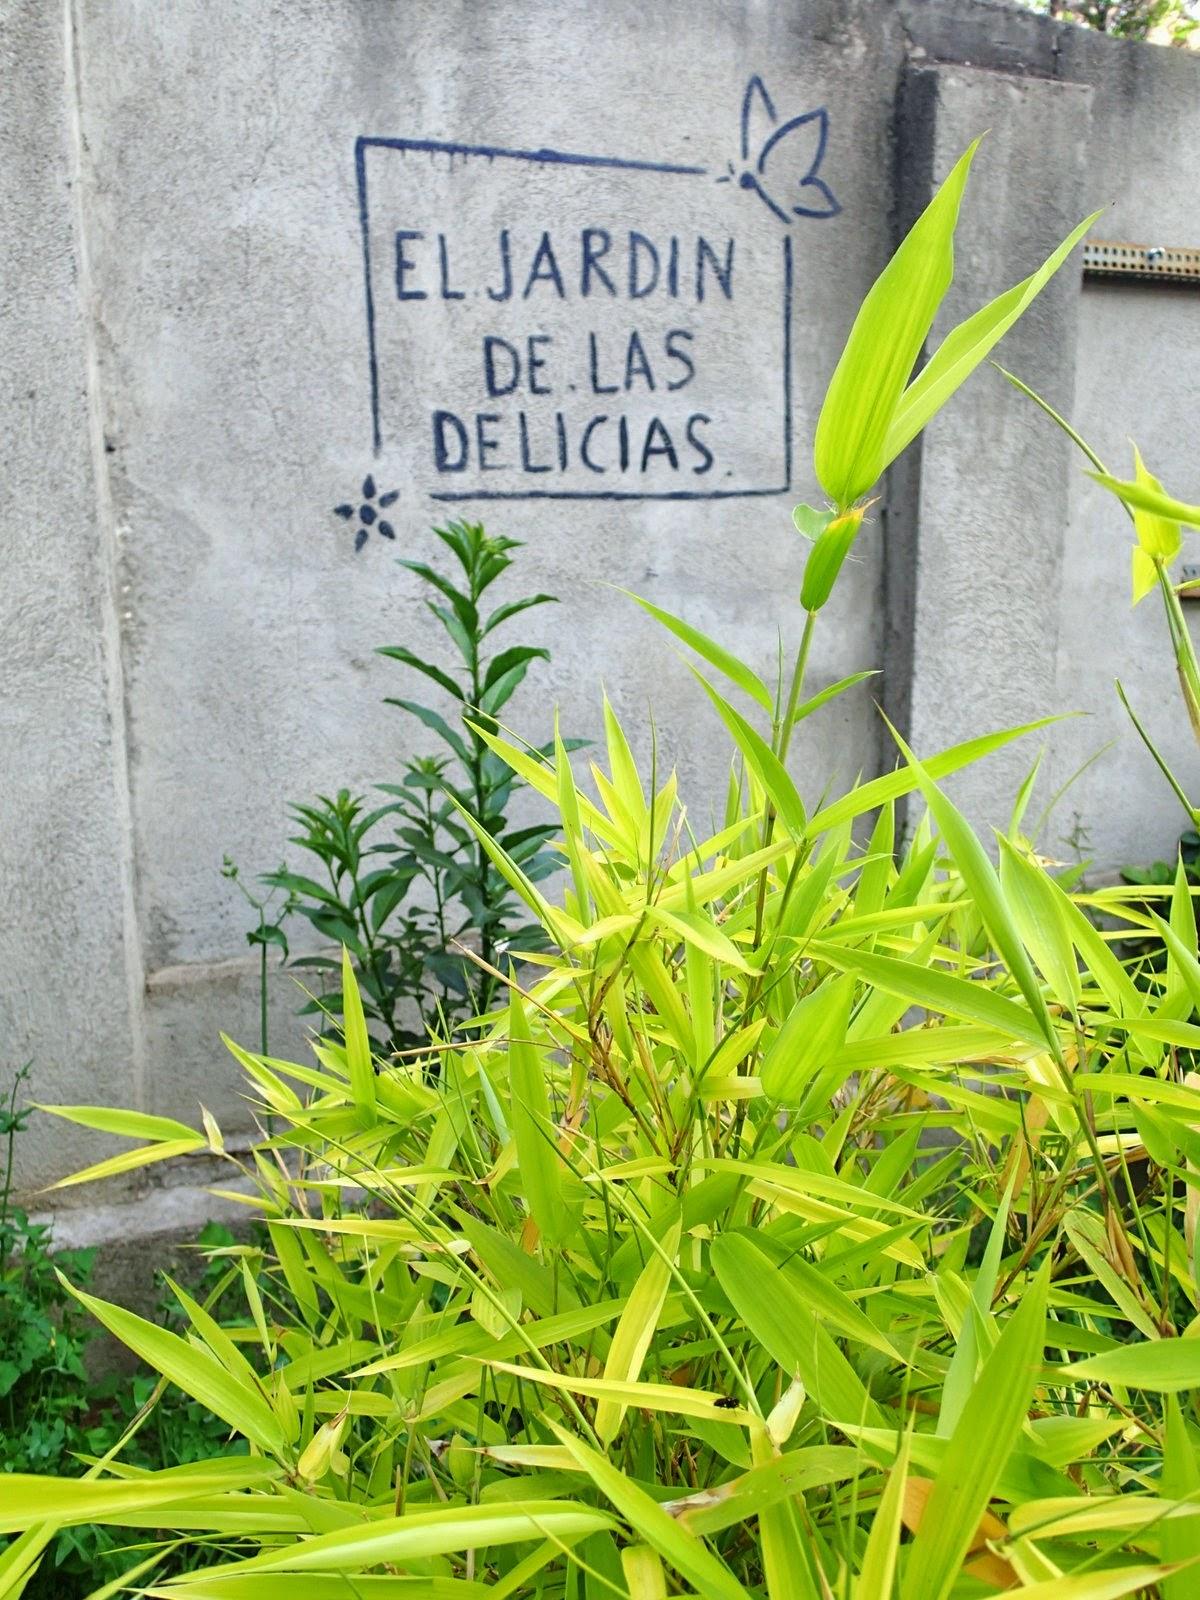 La retina del sabio el jard n de las delicias - El jardin del deseo pendientes ...